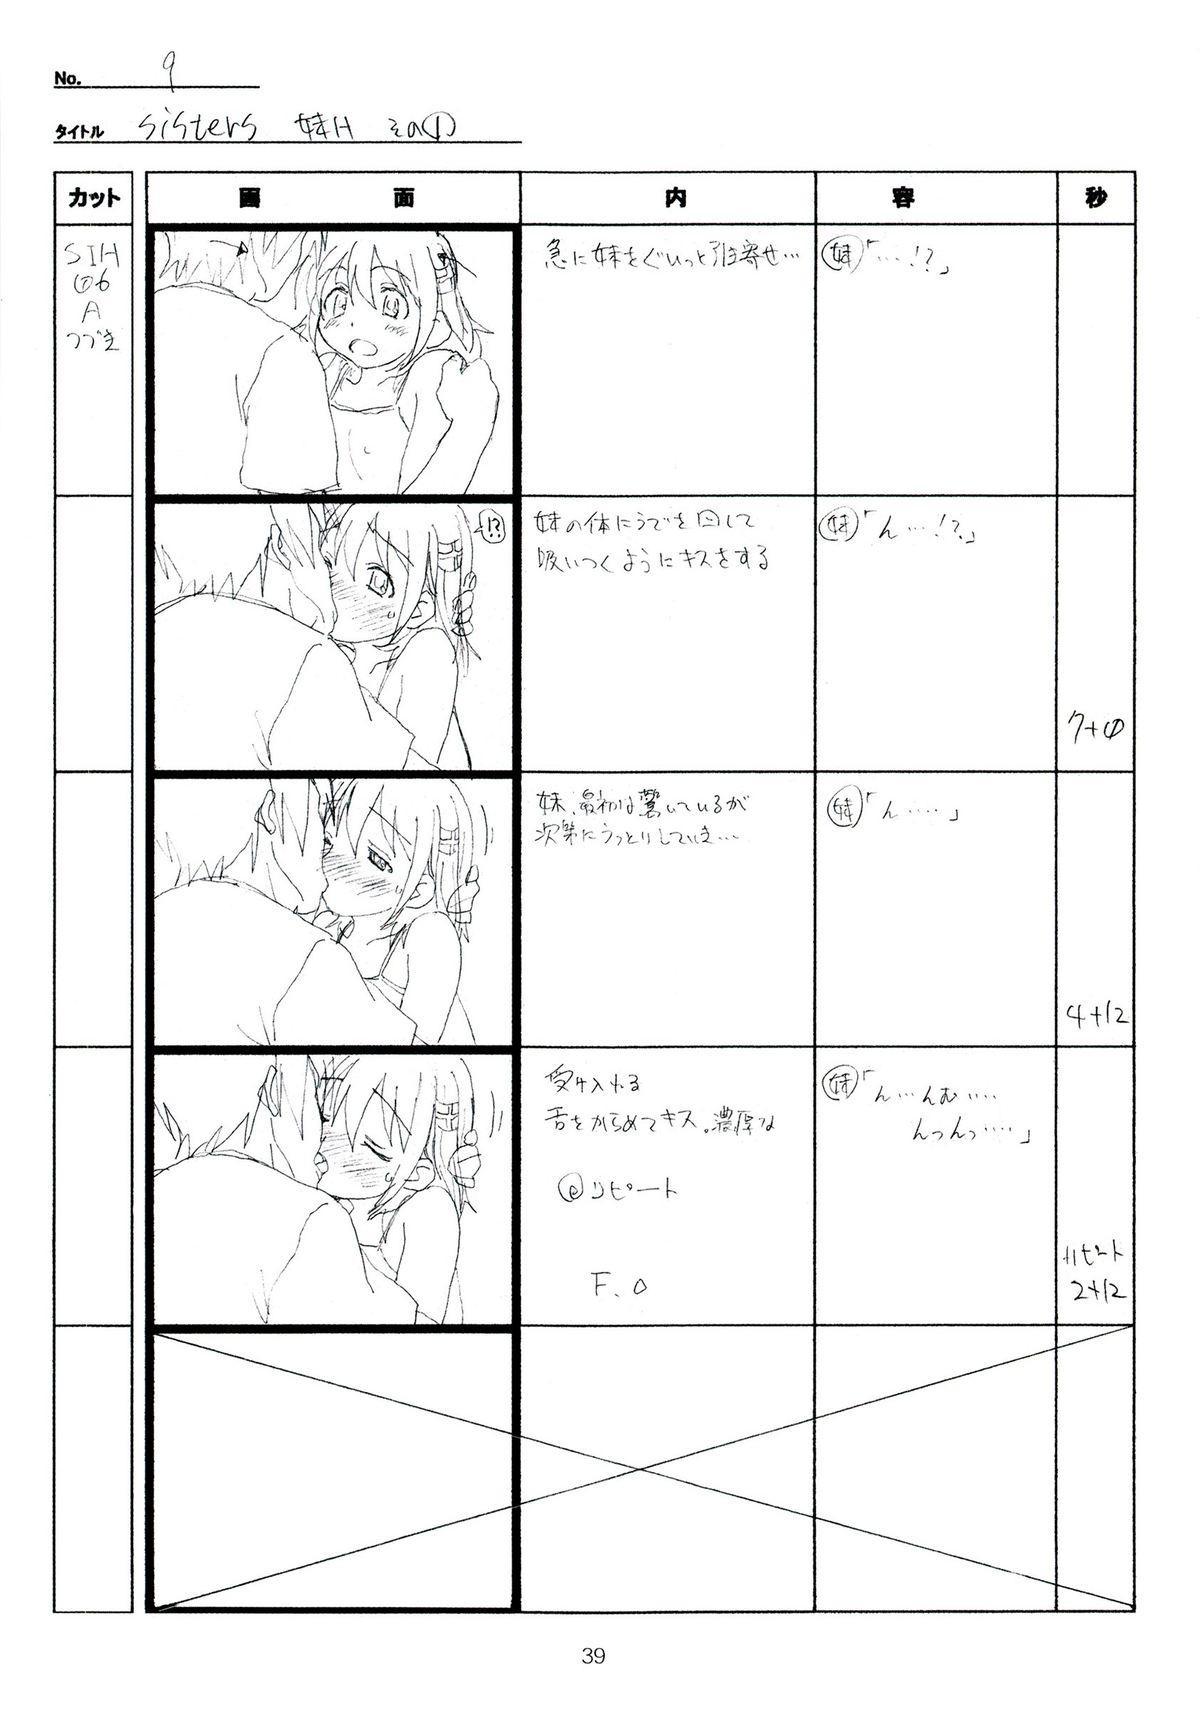 (C89) [Makino Jimusho (Taki Minashika)] SISTERS -Natsu no Saigo no Hi- H Scene All Part Storyboard (SISTERS -Natsu no Saigo no Hi-) 38